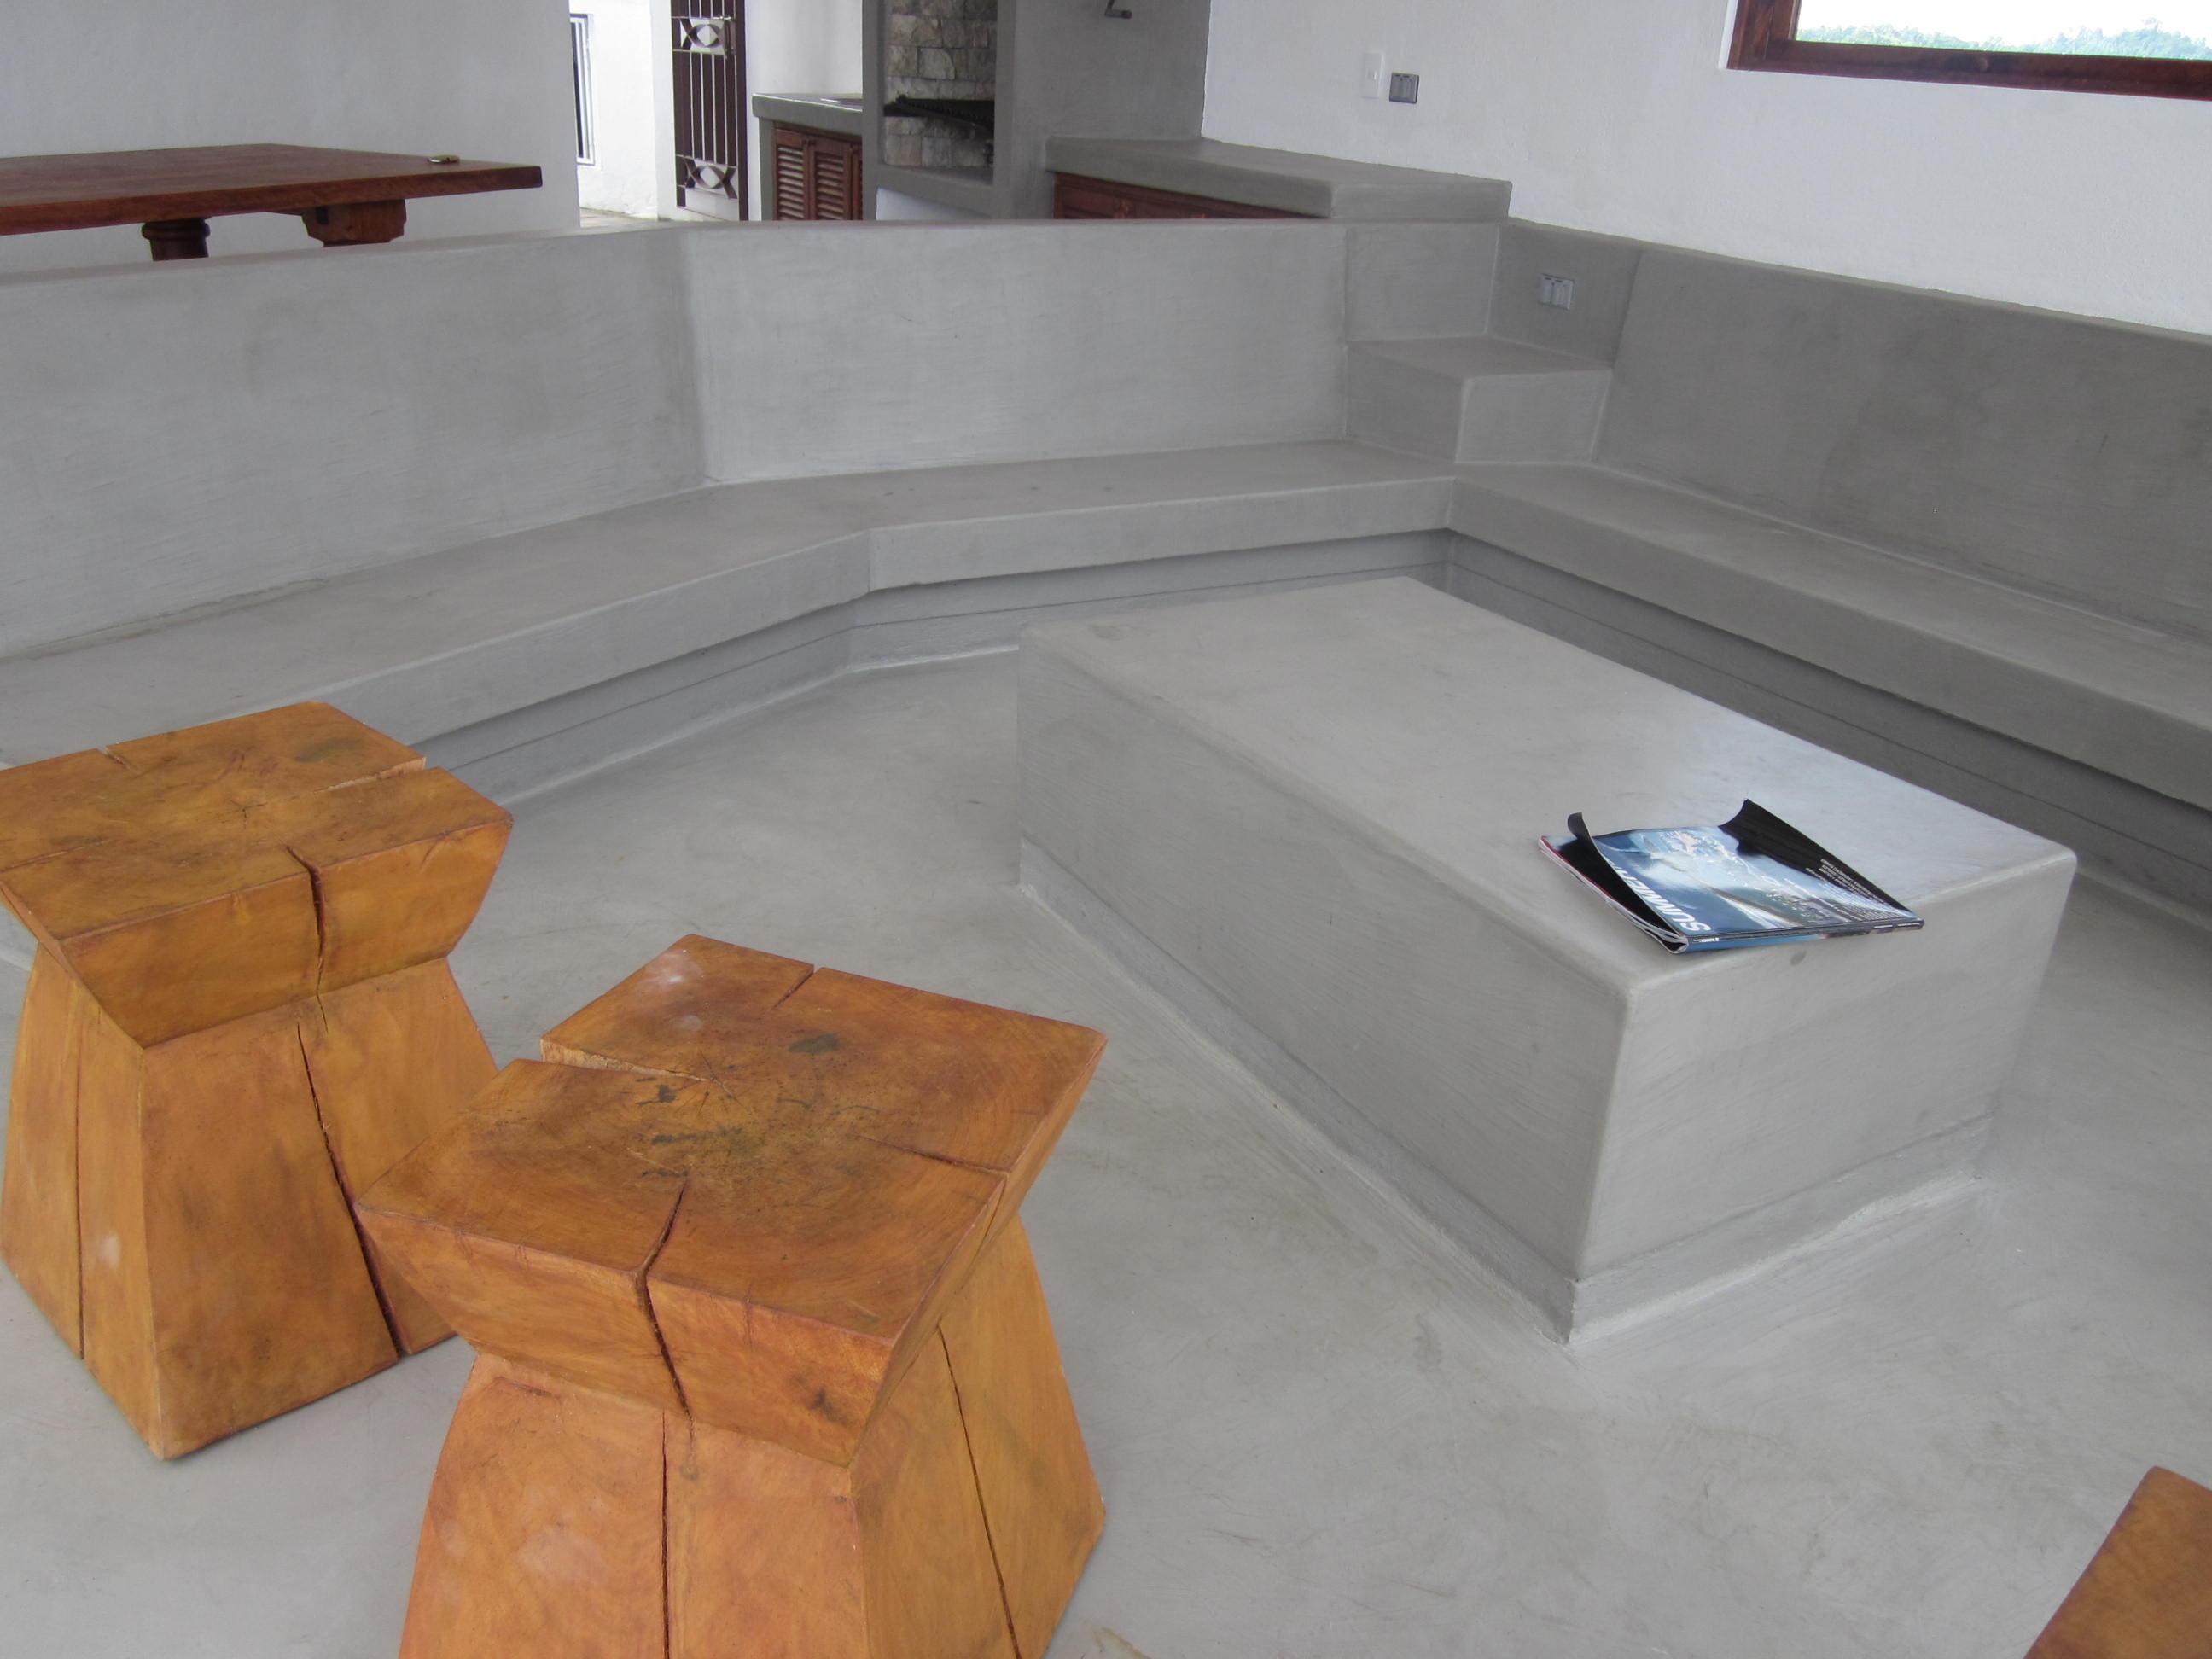 Muebles Cemento Obtenga Ideas Dise O De Muebles Para Su